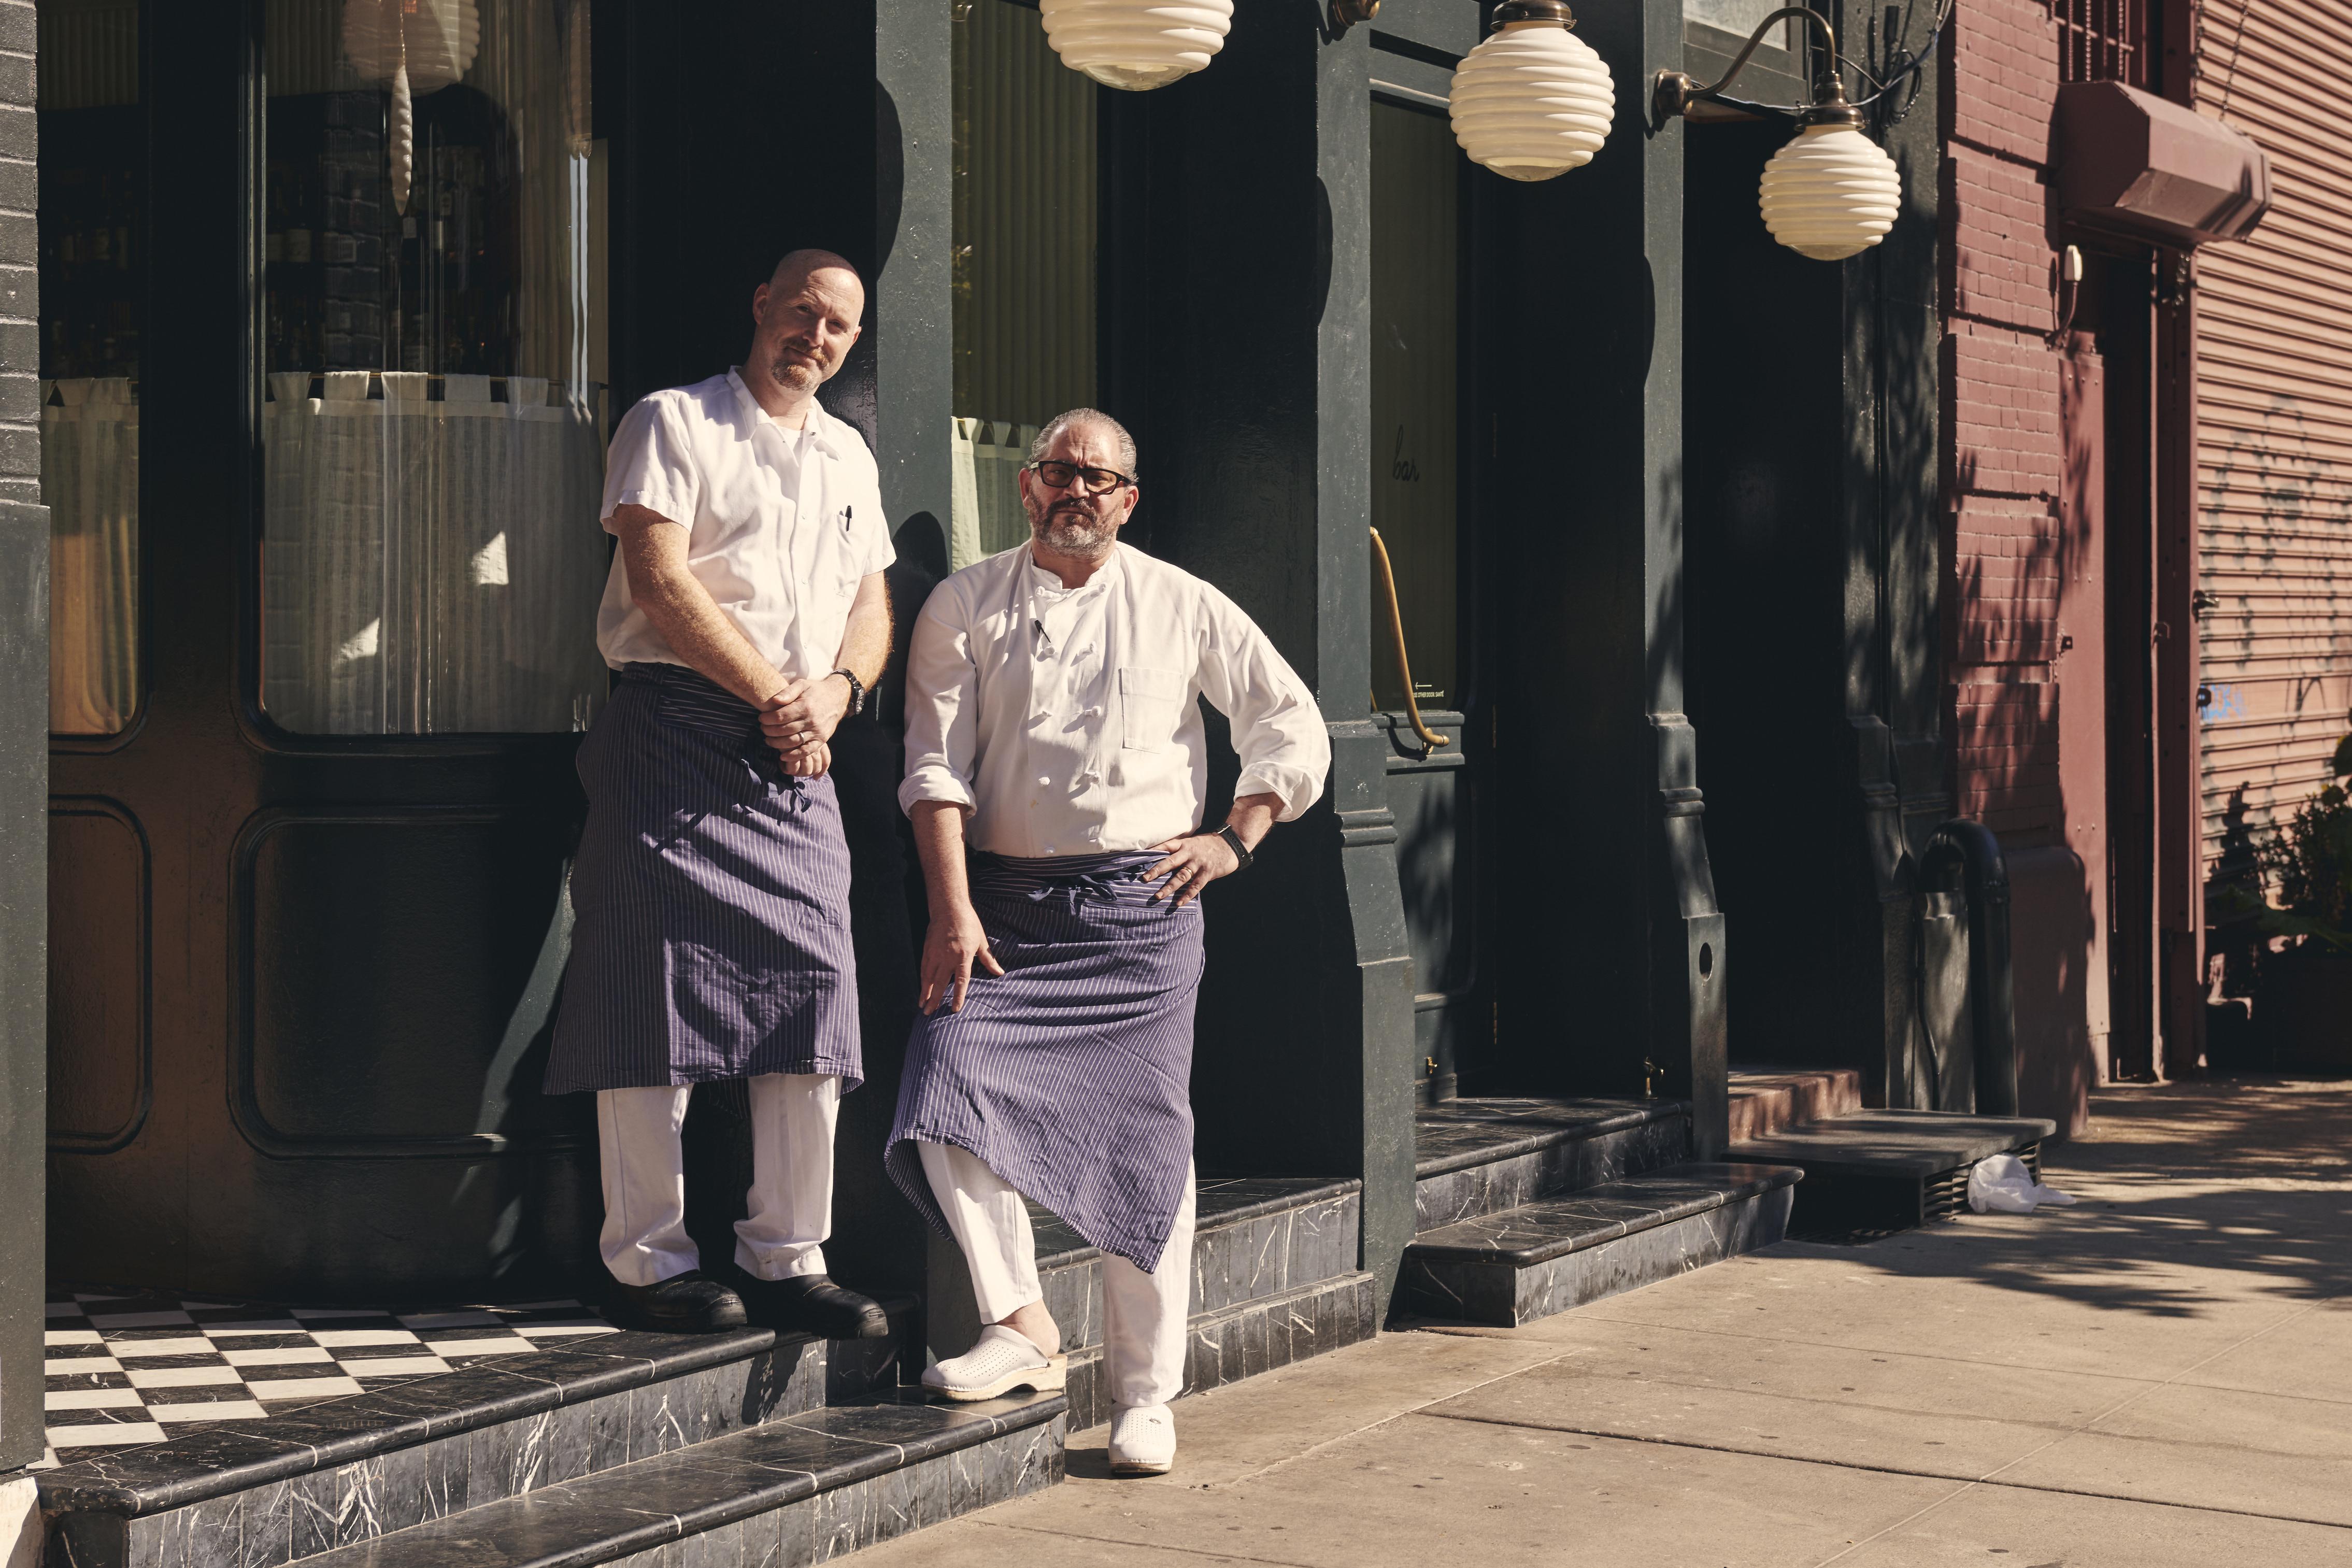 Frenchette Takes Home James Beard Award for Best New Restaurant